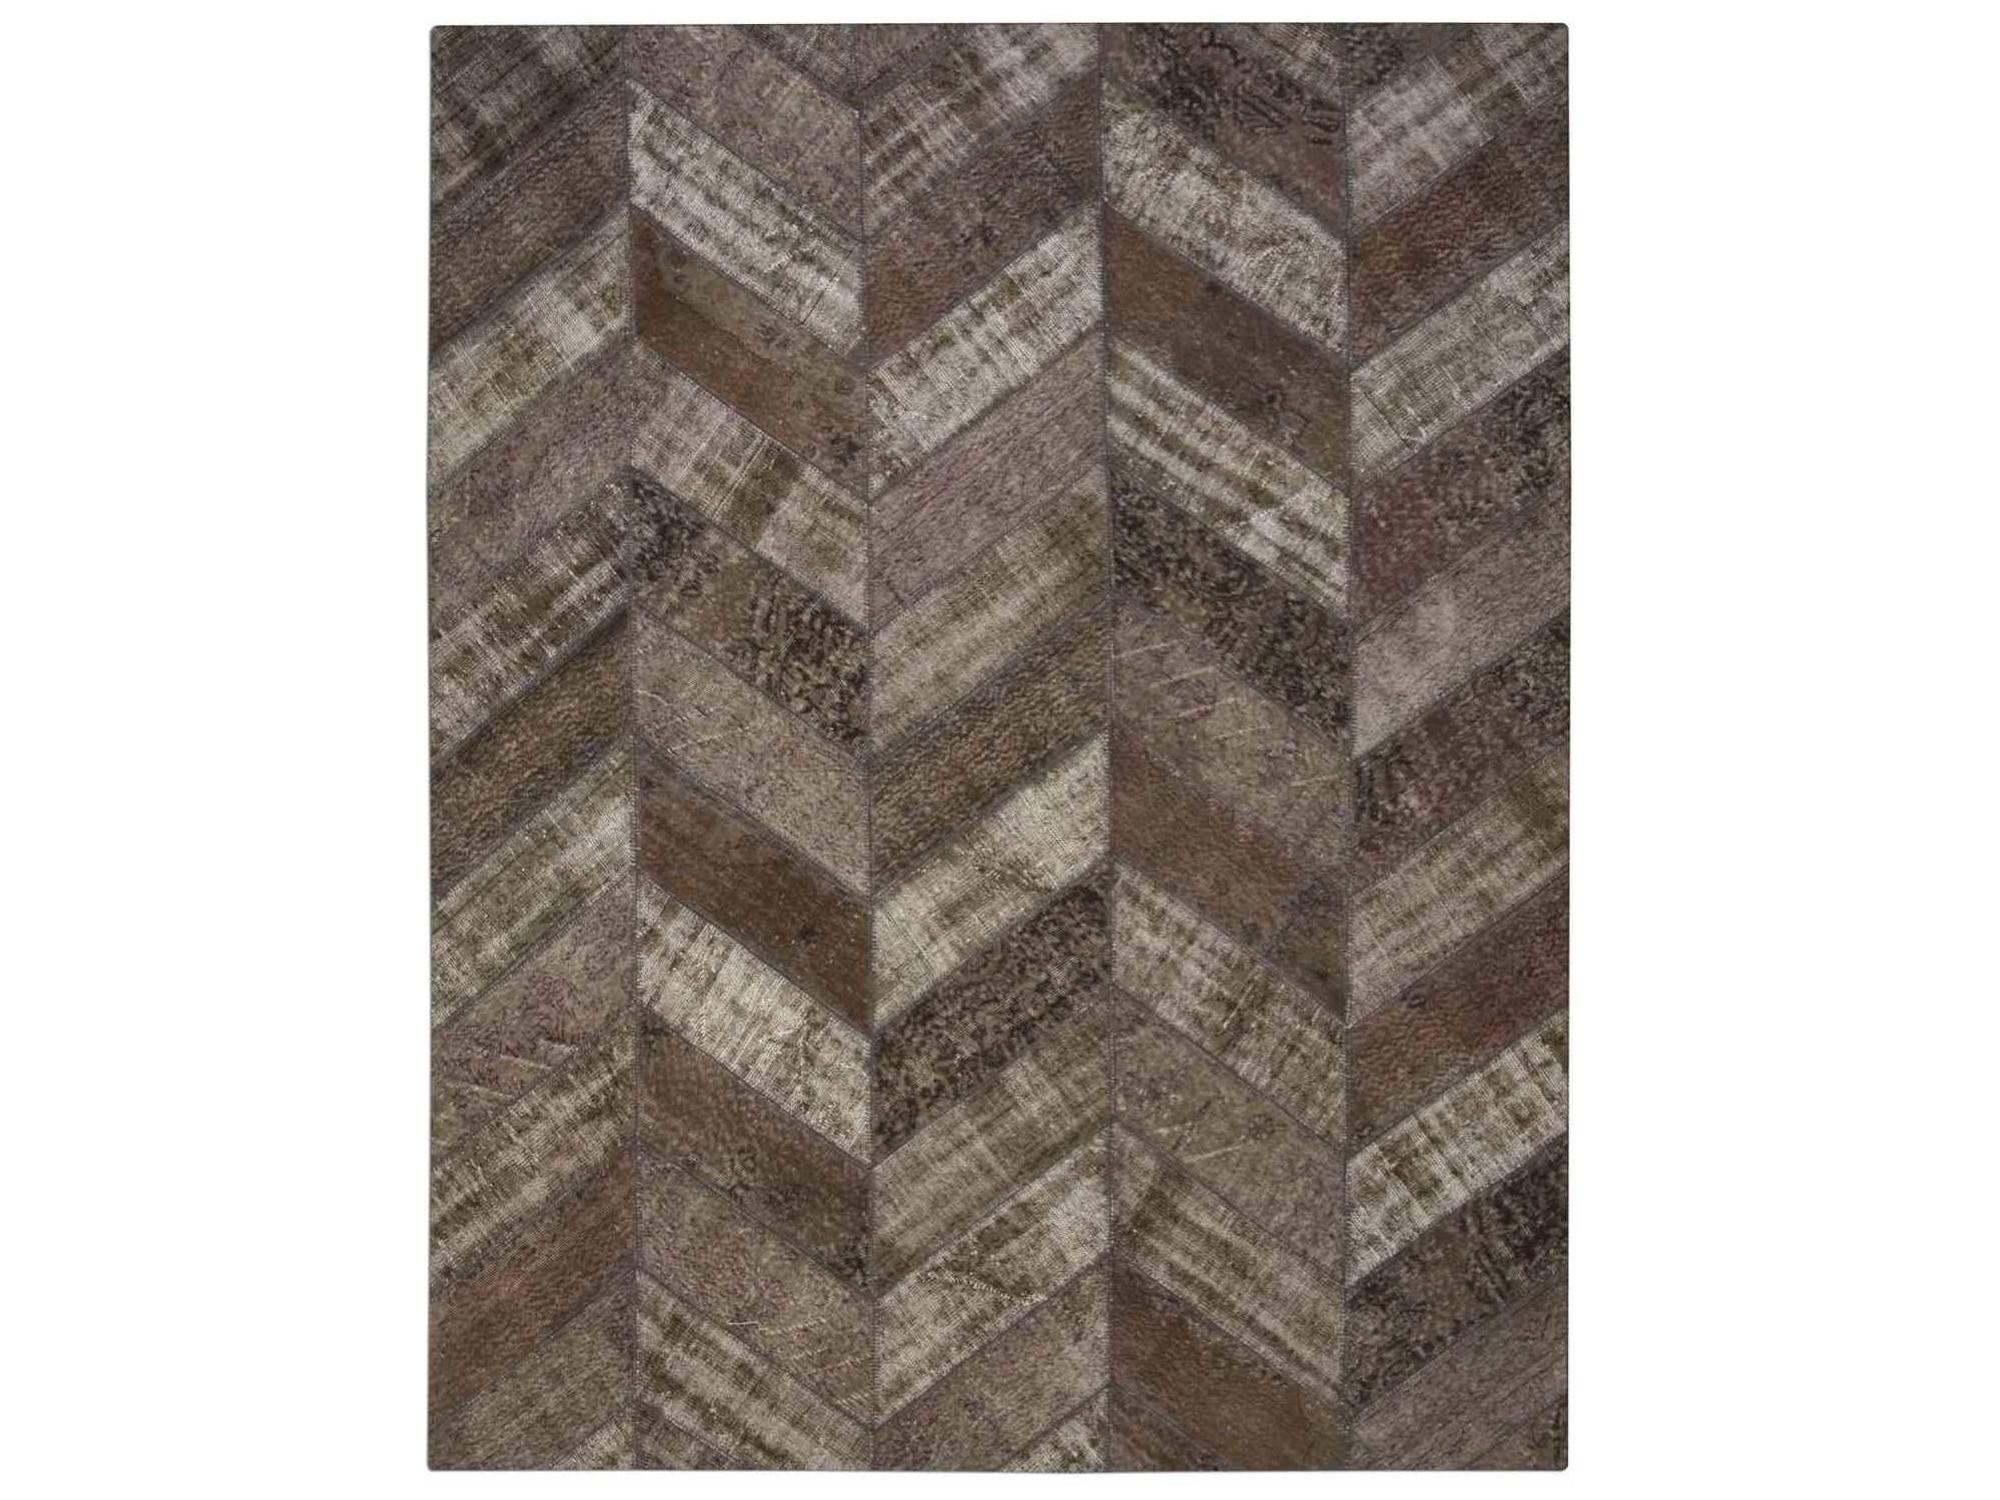 Ковер PatchworkПрямоугольные ковры<br>Винтажный ковер ручной работы в стиле &amp;quot;пэчворк&amp;quot; <br>из 100% шерсти. Ковер прекрасно подходит в <br>любые современные и классические интерьеры, <br>а благодаря толщине ковра всего 5 мм. и отсутствию <br>ворса, его легко чистить любыми видами пылесосов. <br>Этот настоящий ковер ручной работы не потеряет <br>своих красок и будет служить десятилетия.<br><br>Material: Шерсть<br>Width см: 247<br>Depth см: 309